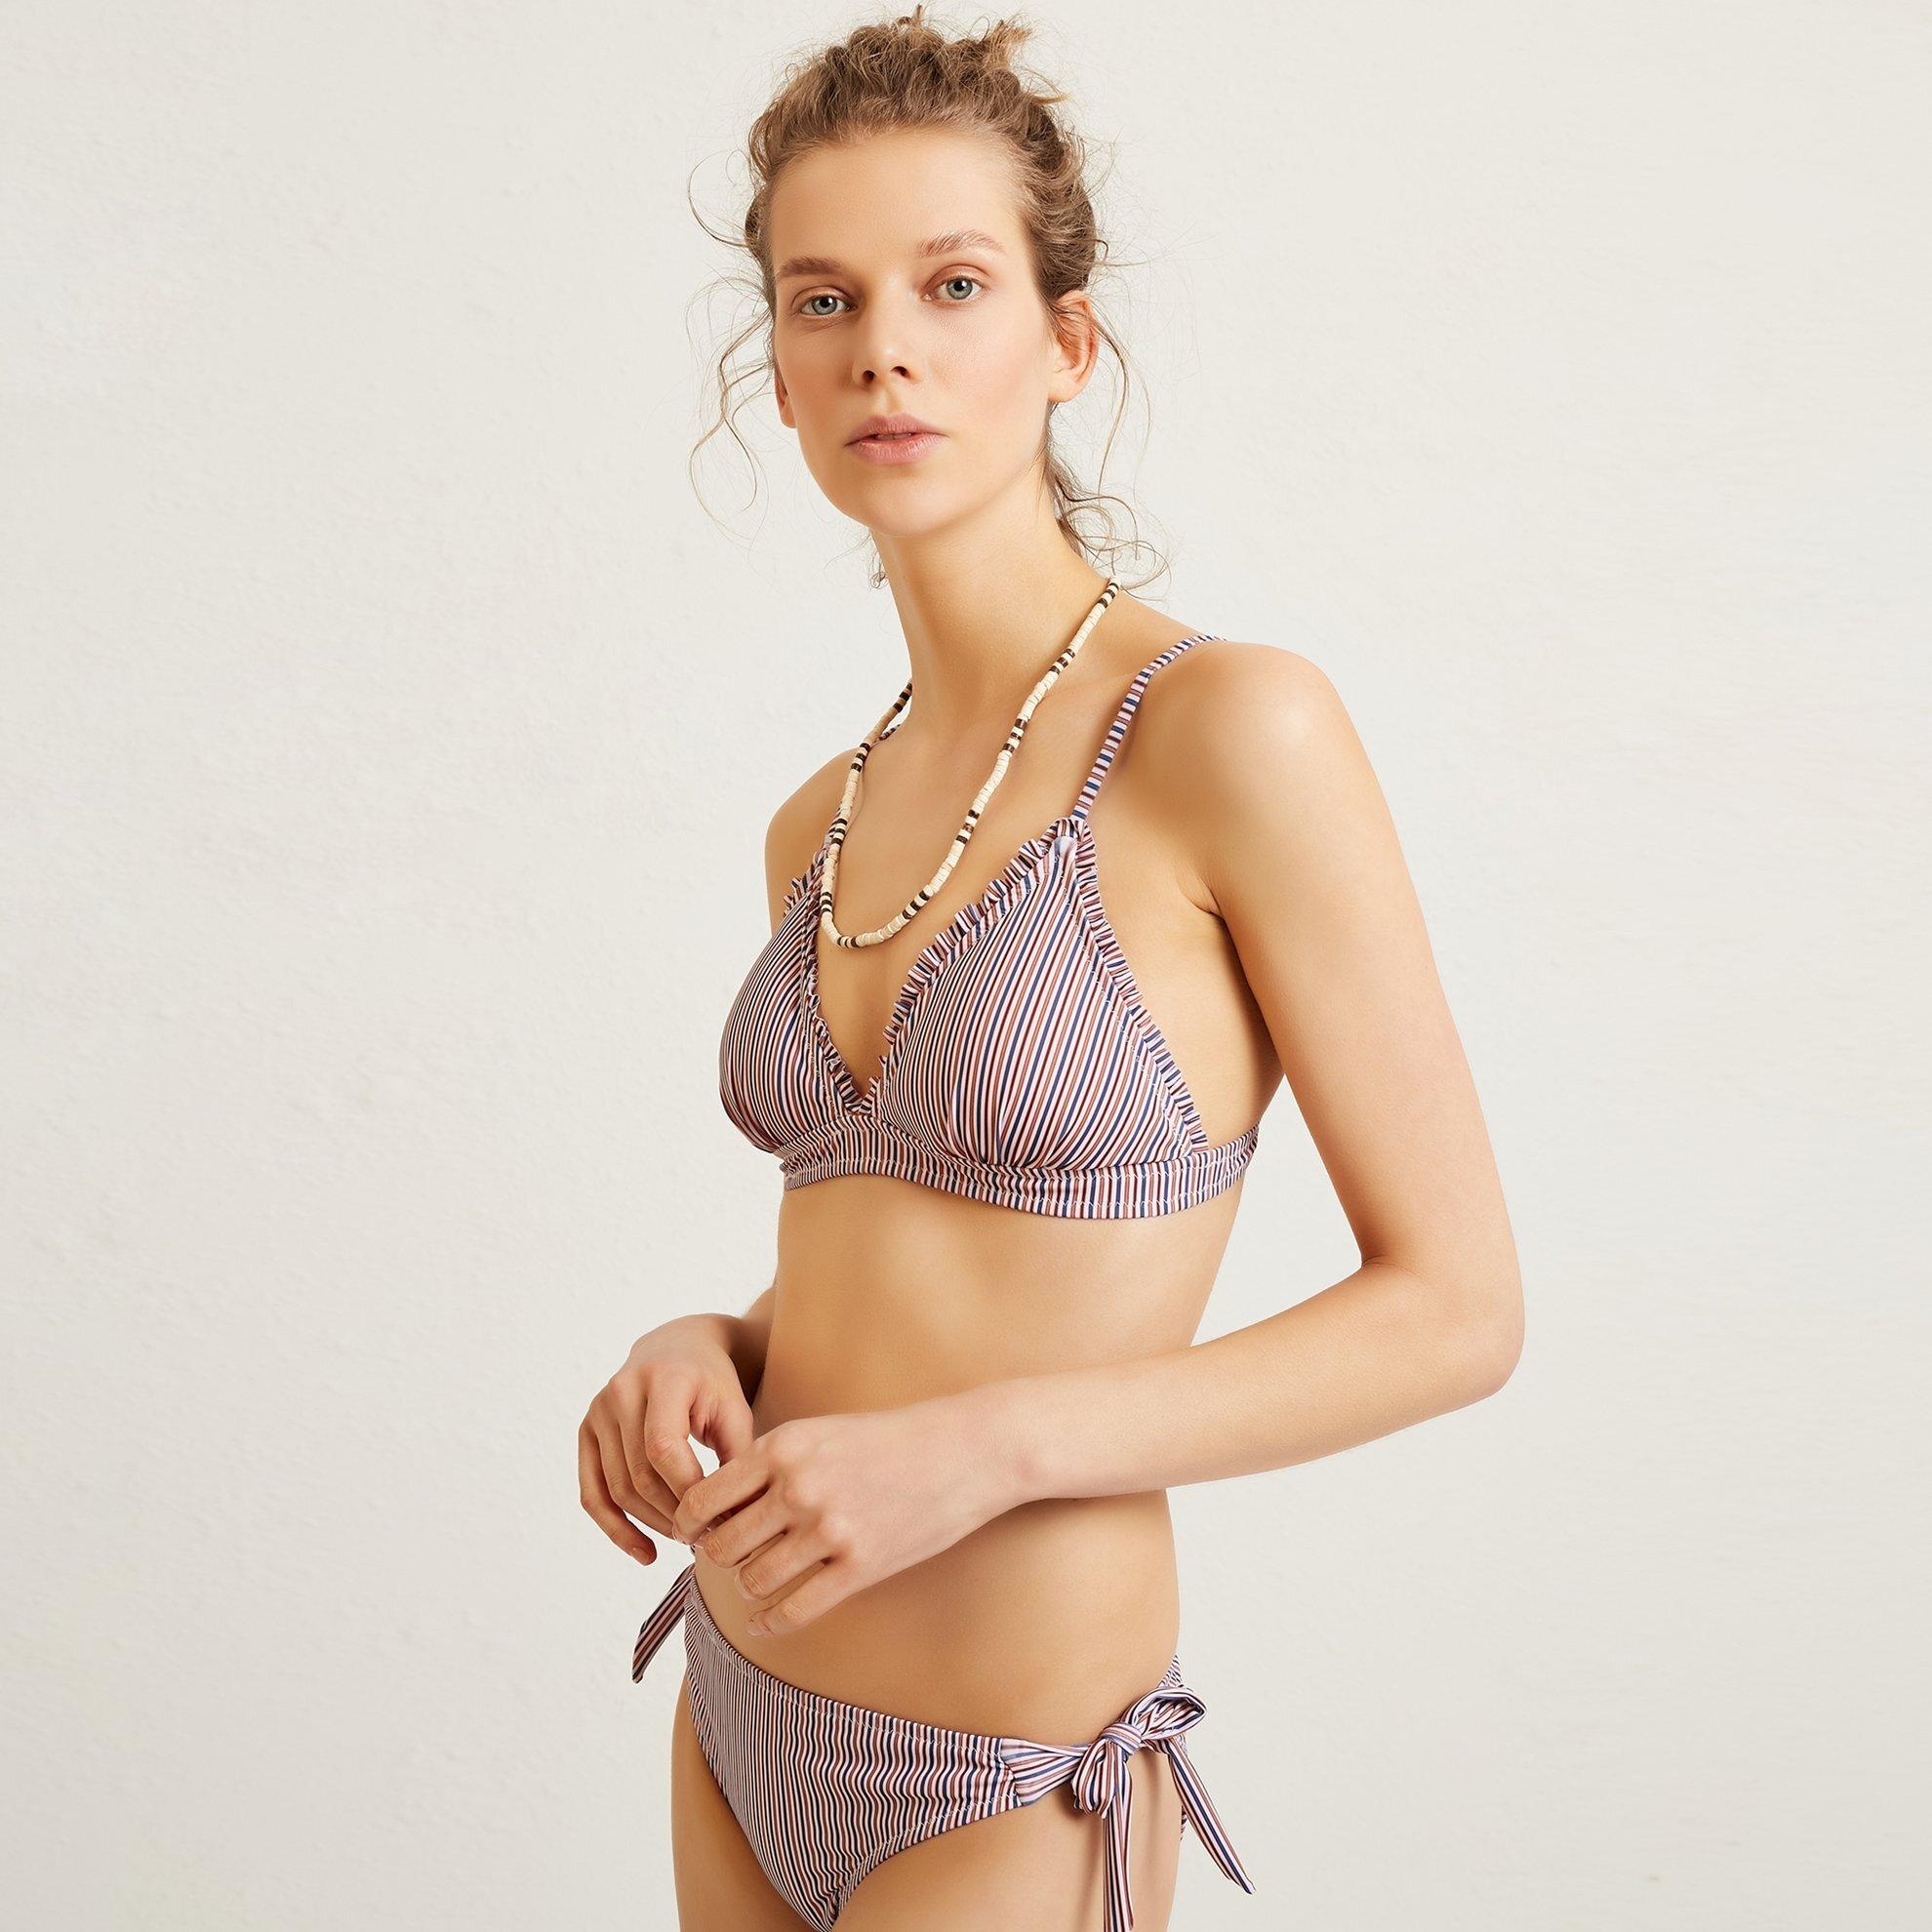 Bikini Top With Ruflle Detail